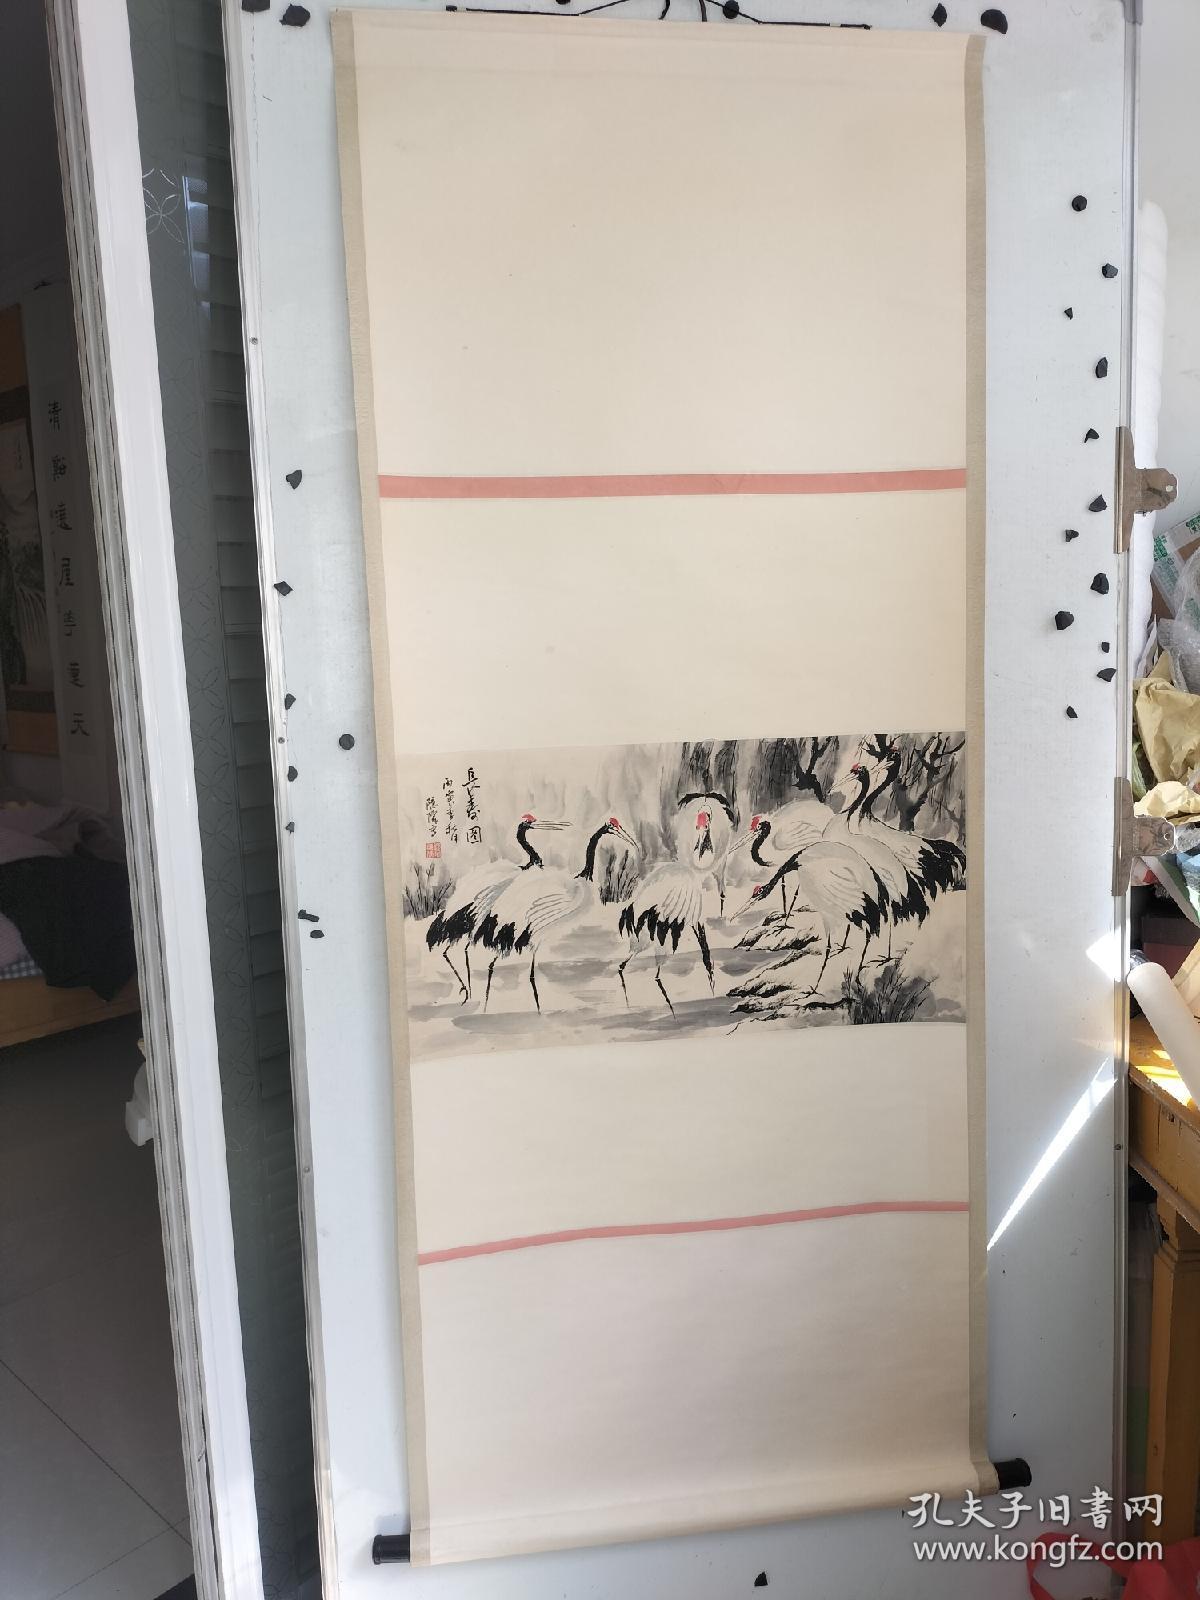 魏隐儒  群鹤图 立轴装裱 尺寸66x35